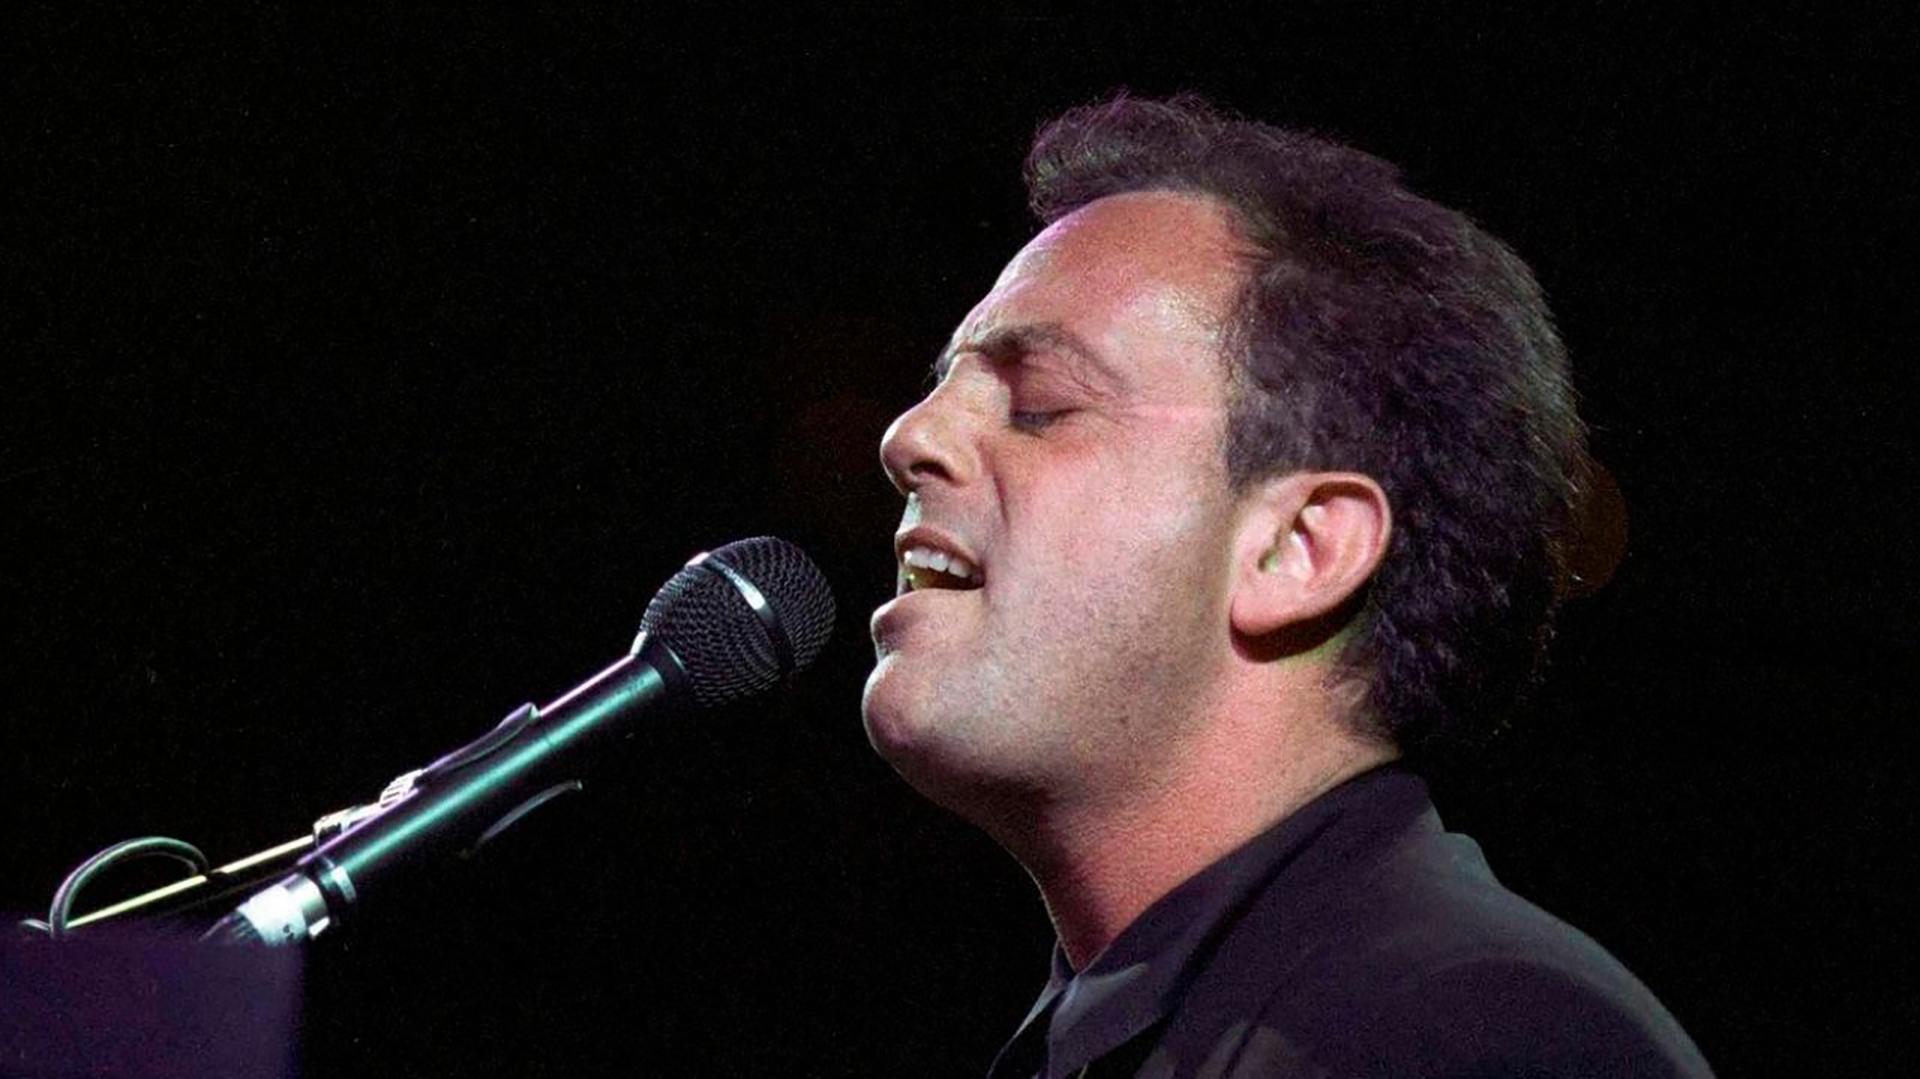 Billy Joel performing live.